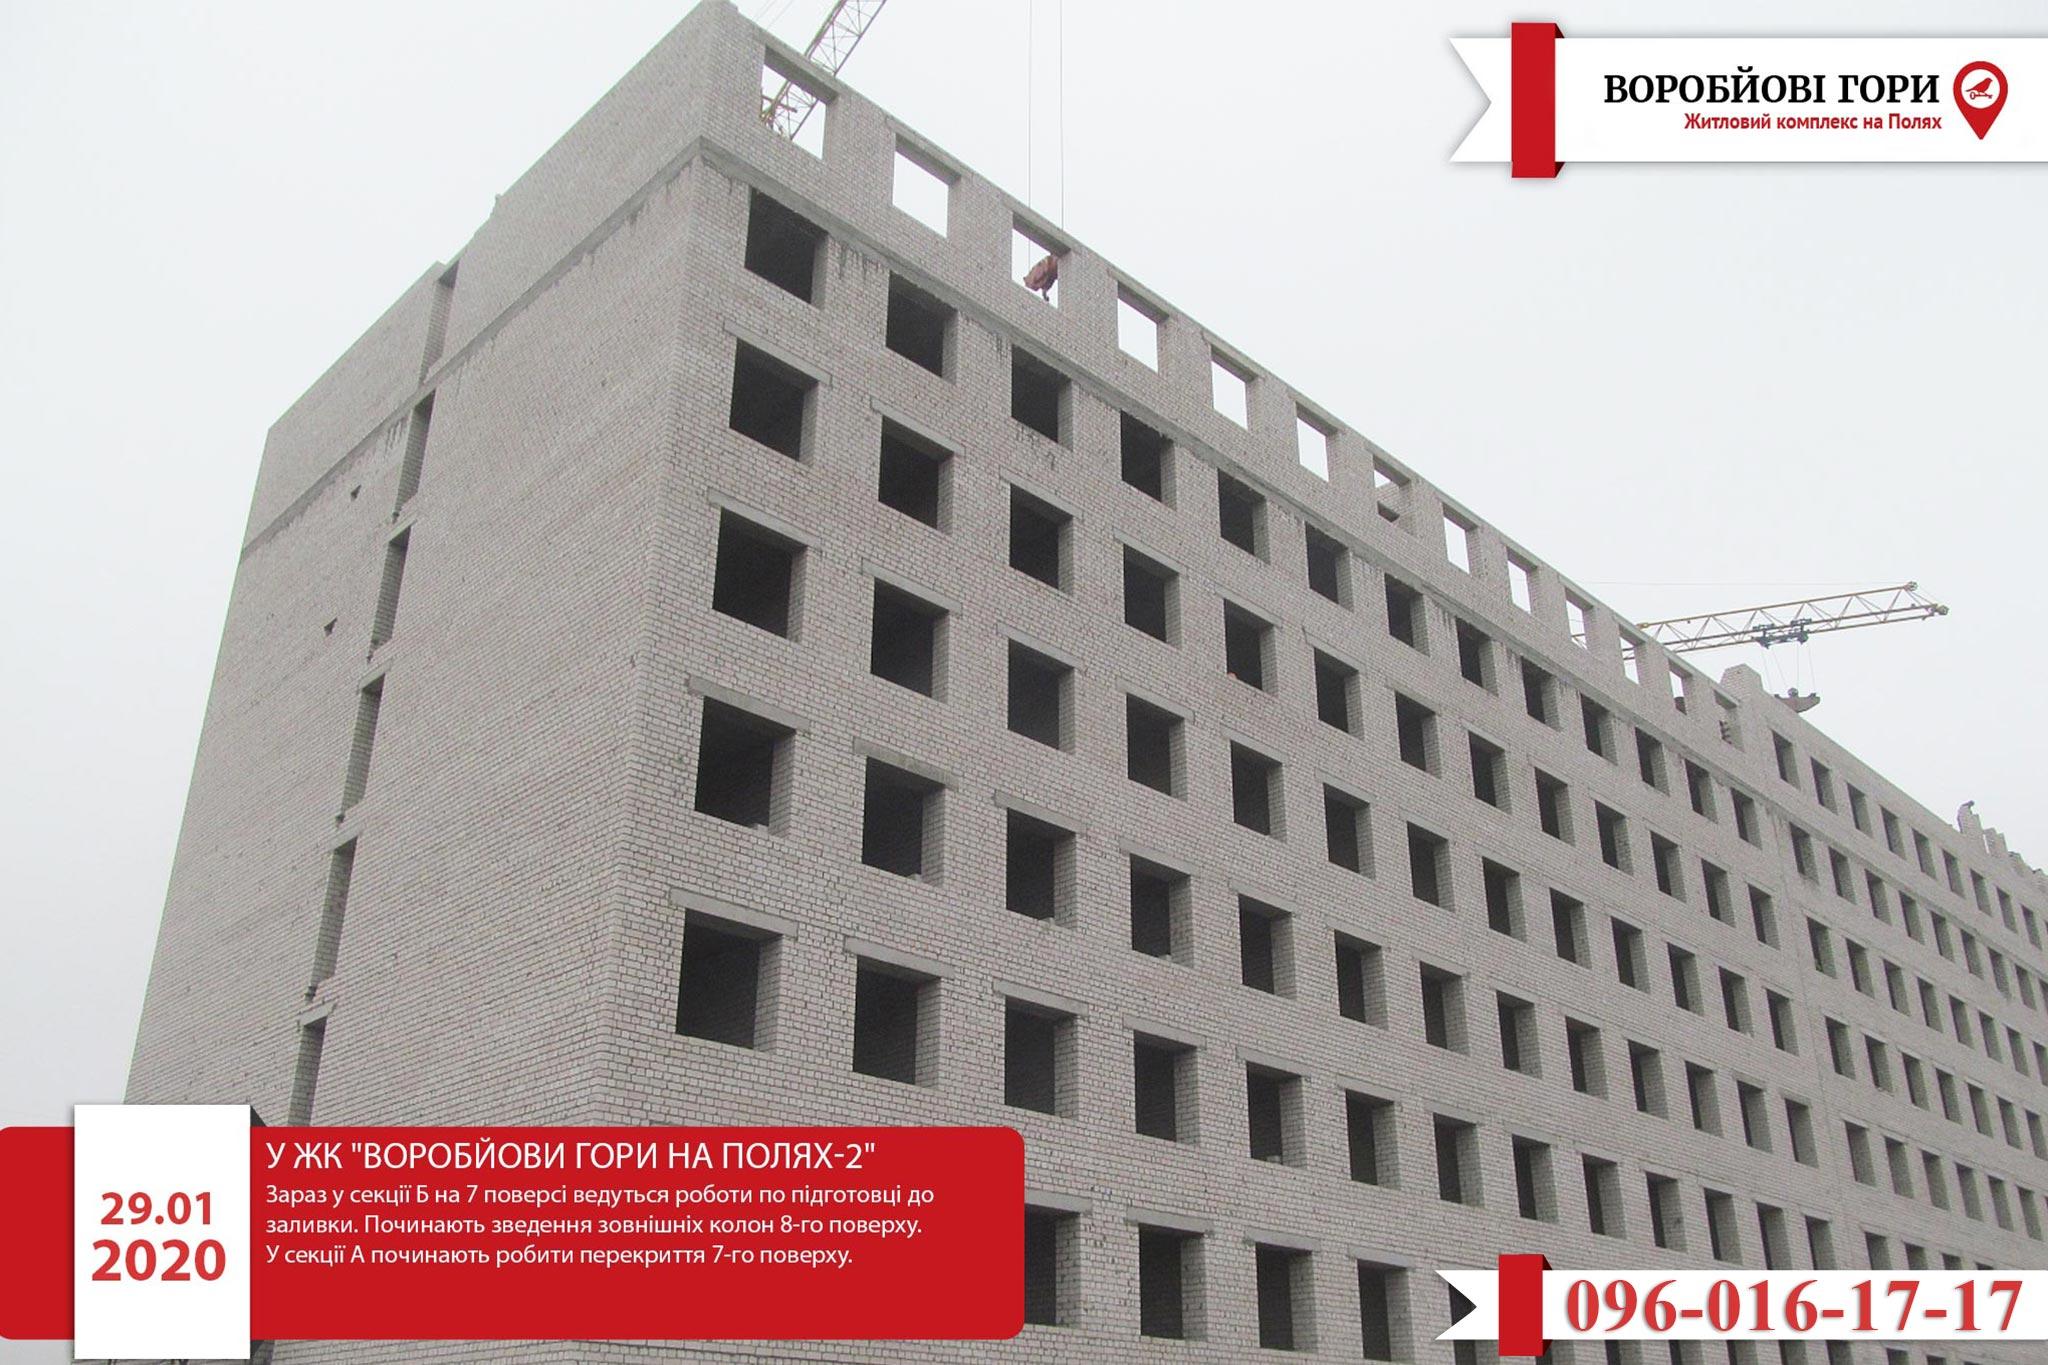 Хід будівництва ЖК «Воробйові гори на полях-2»